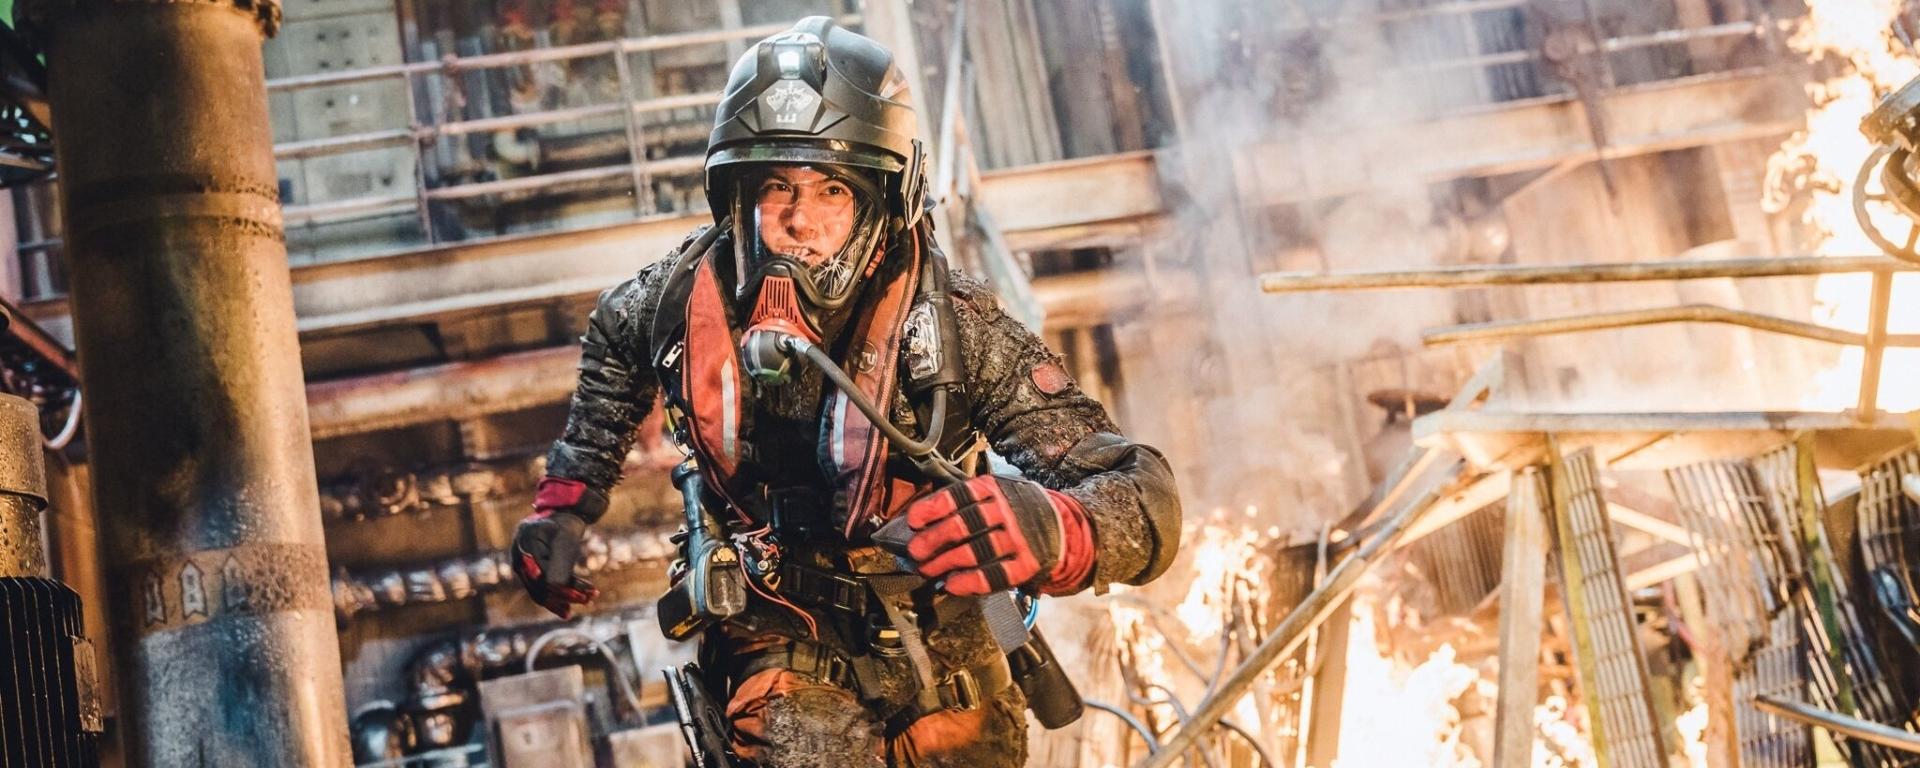 The Rescue - CineFatti